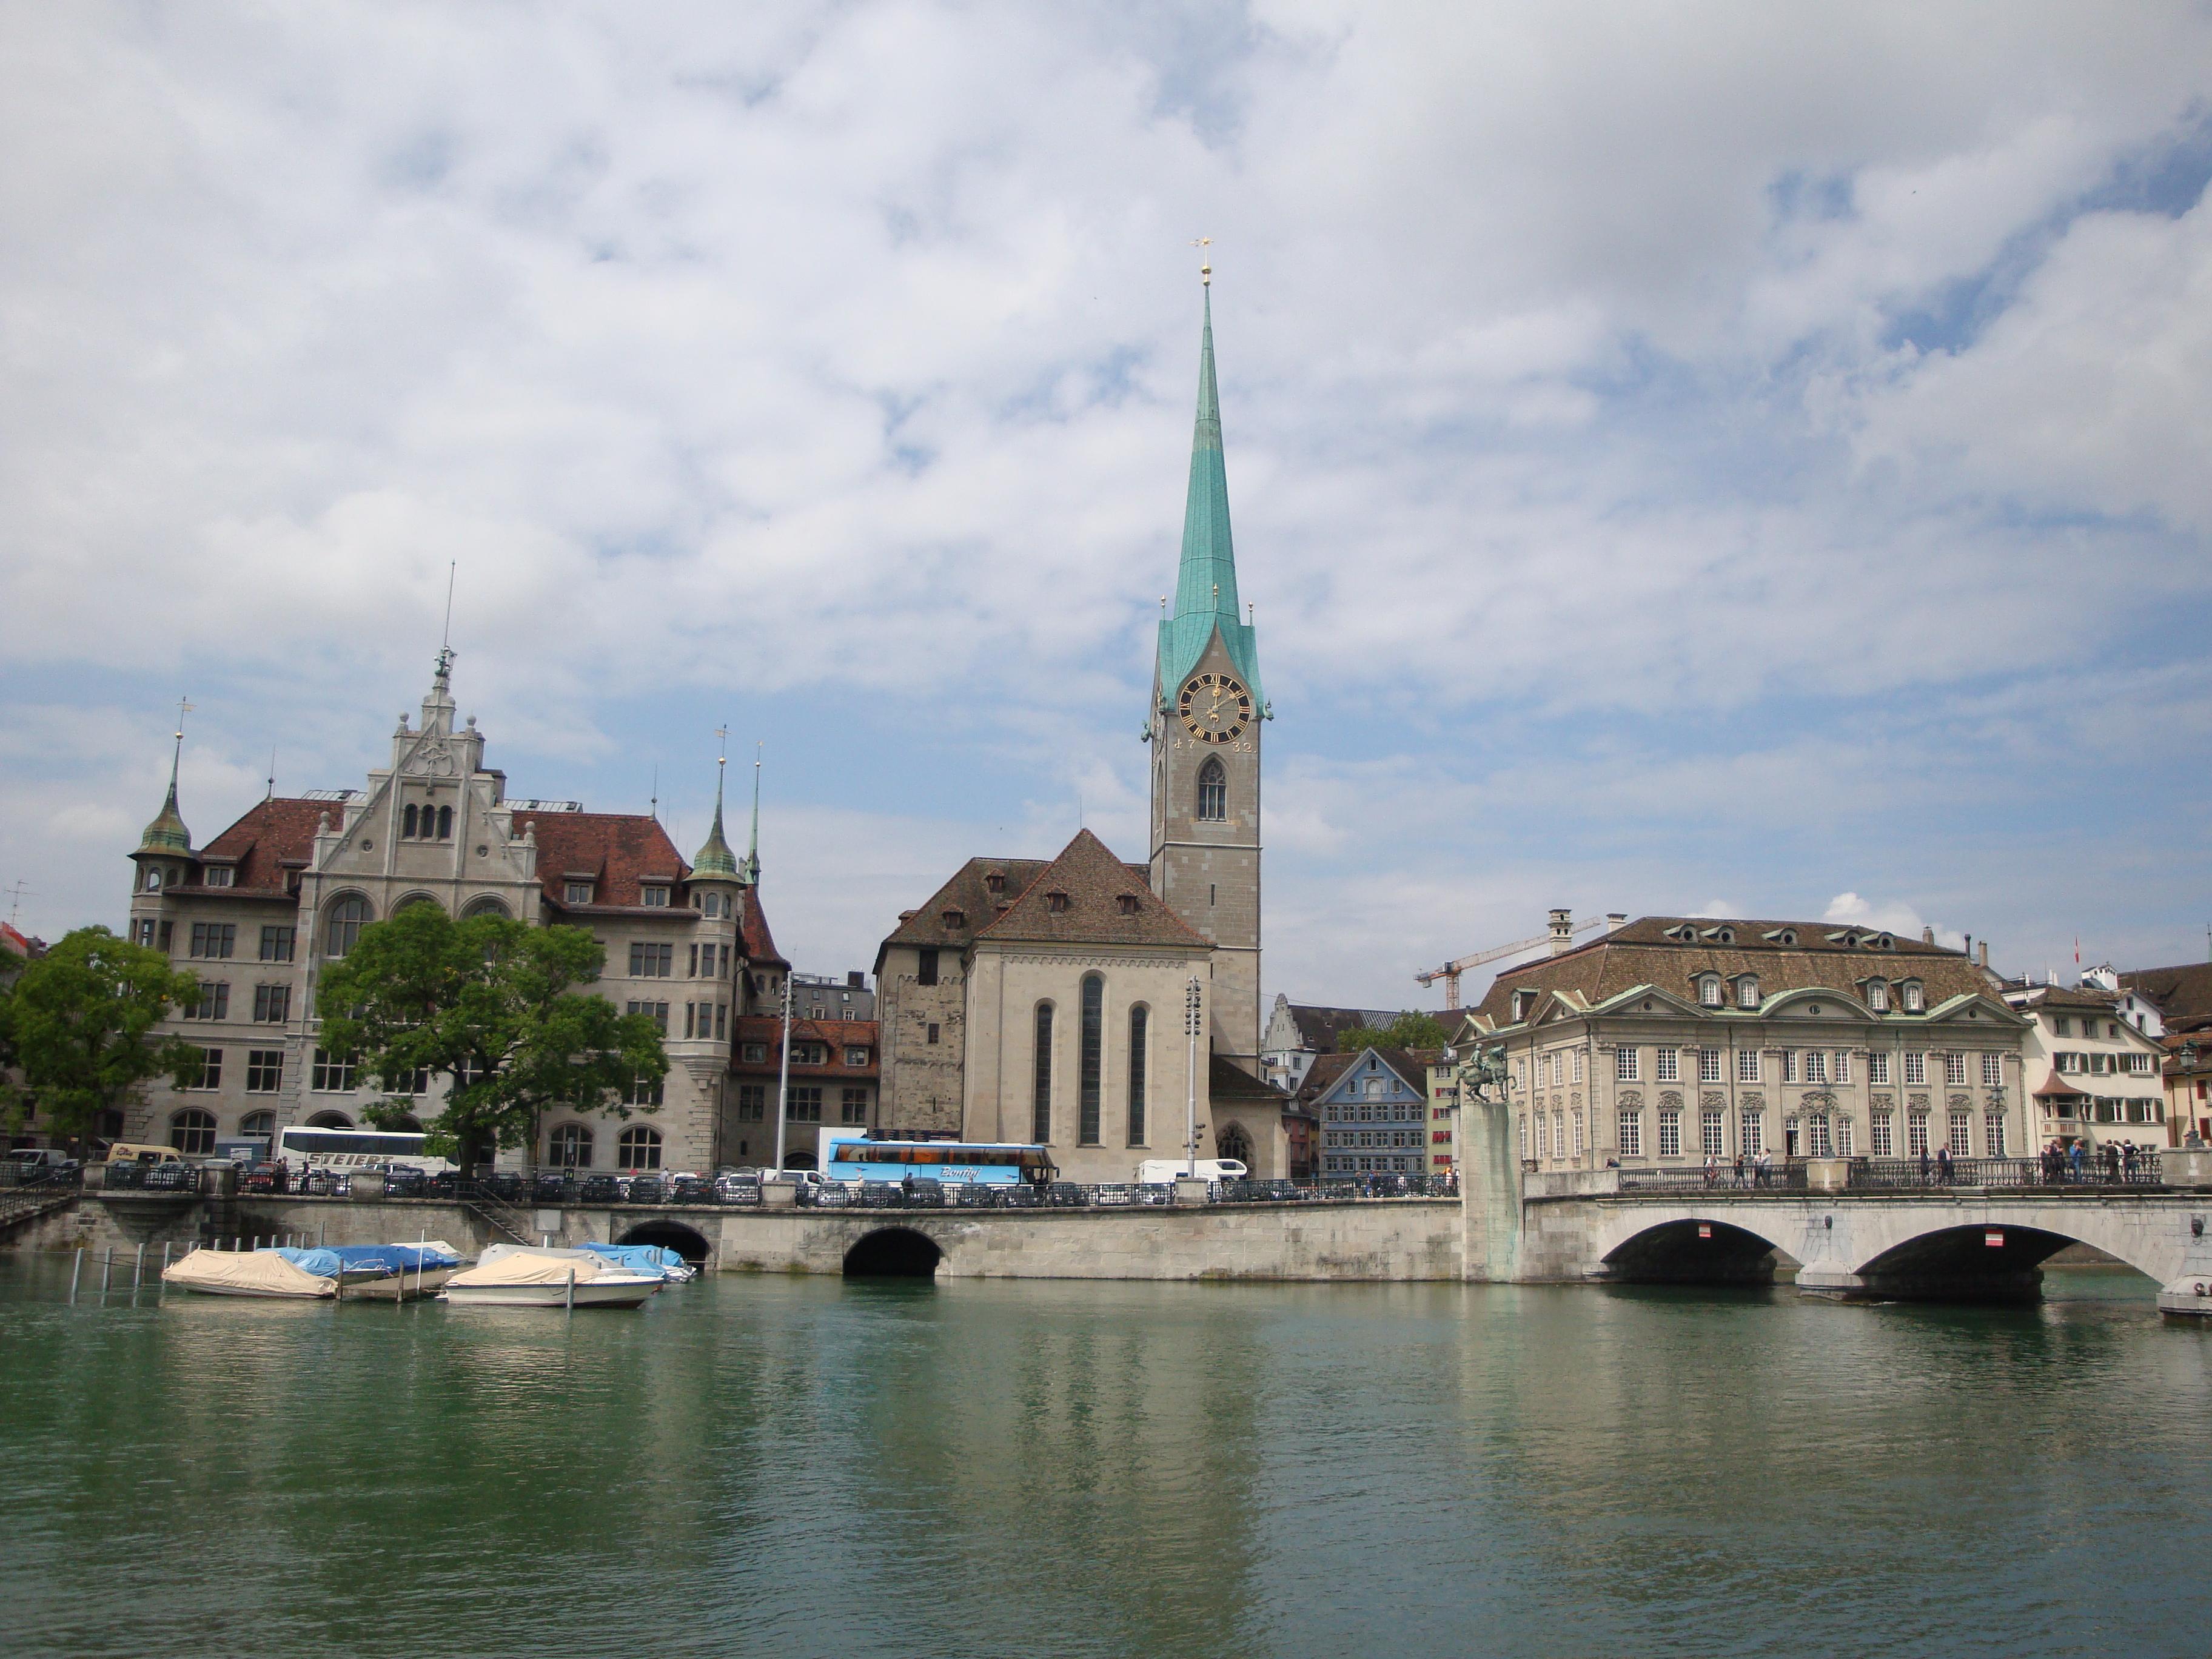 Hành trình khám phá Châu Âu 10N9Đ - Nhà thờ Fraumunster